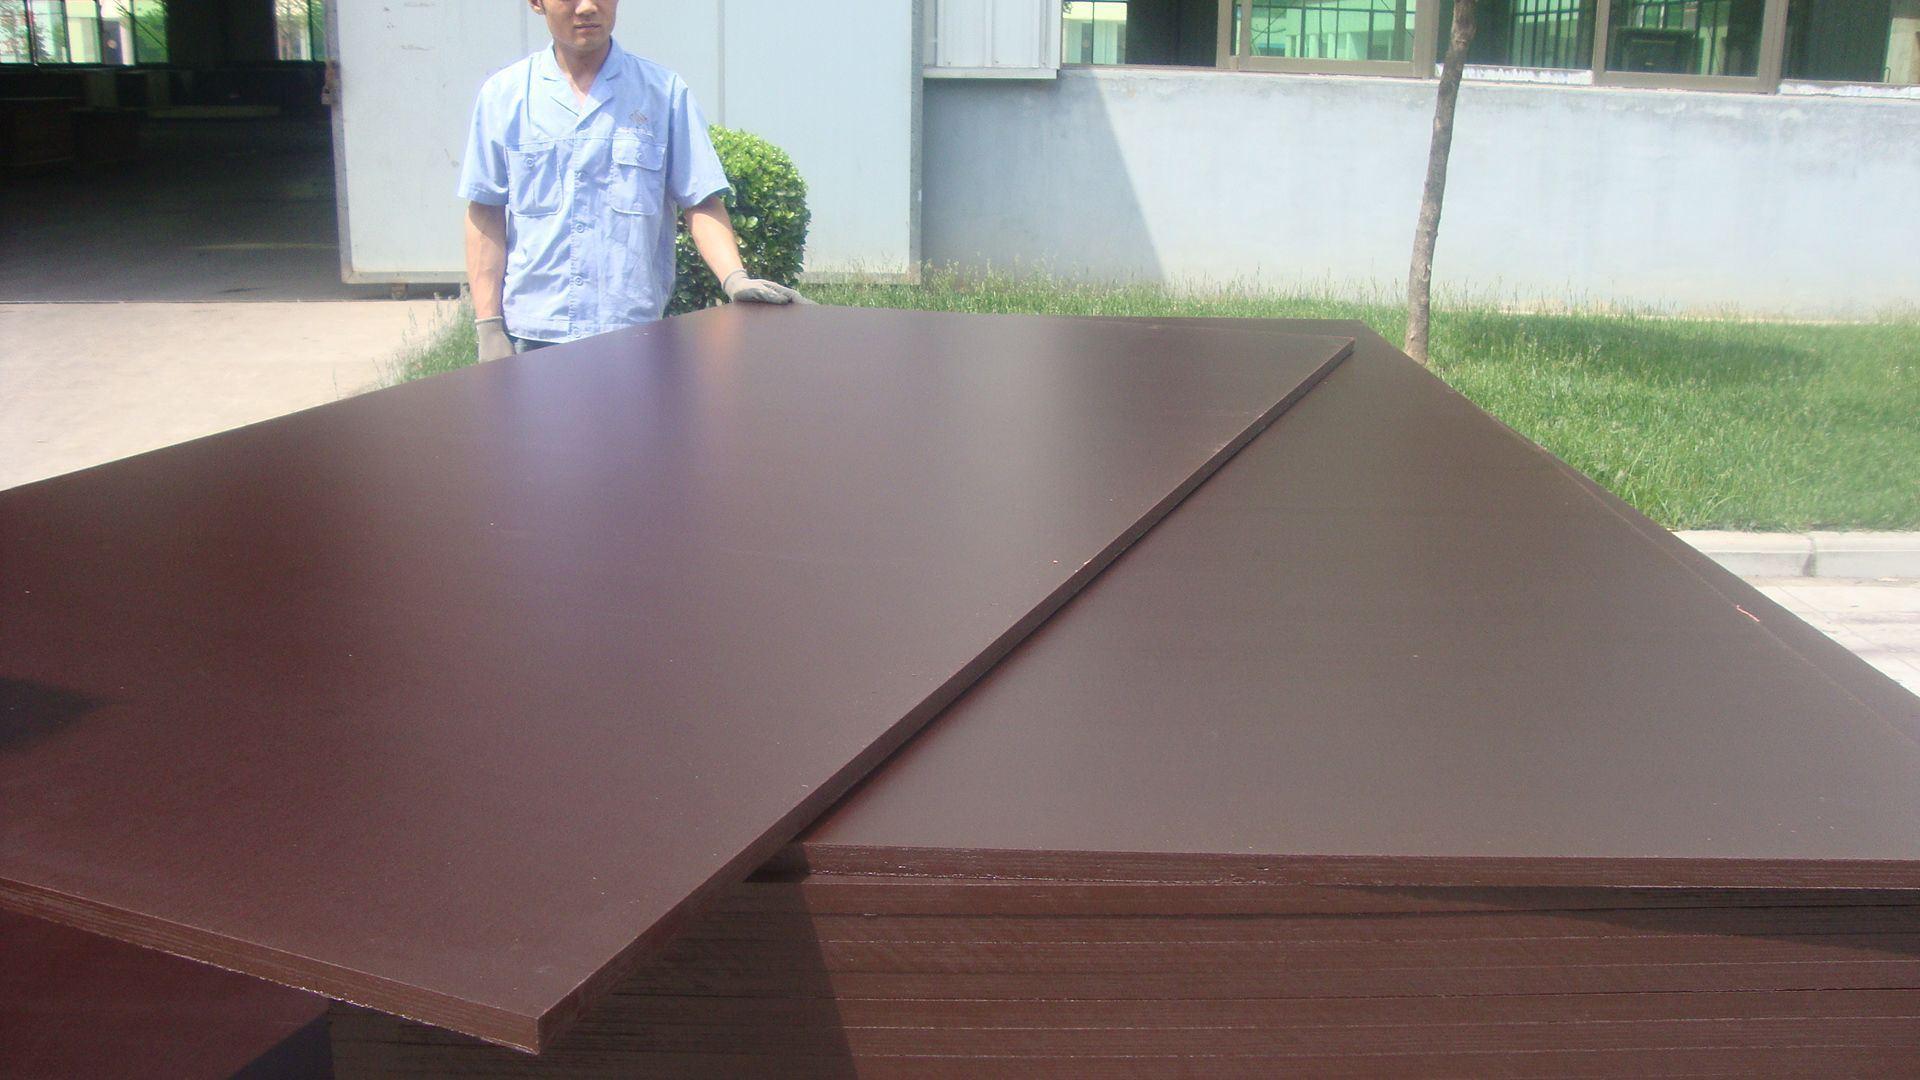 comment poser un plancher collaborant leroy merlin plaque de coffrage. Black Bedroom Furniture Sets. Home Design Ideas